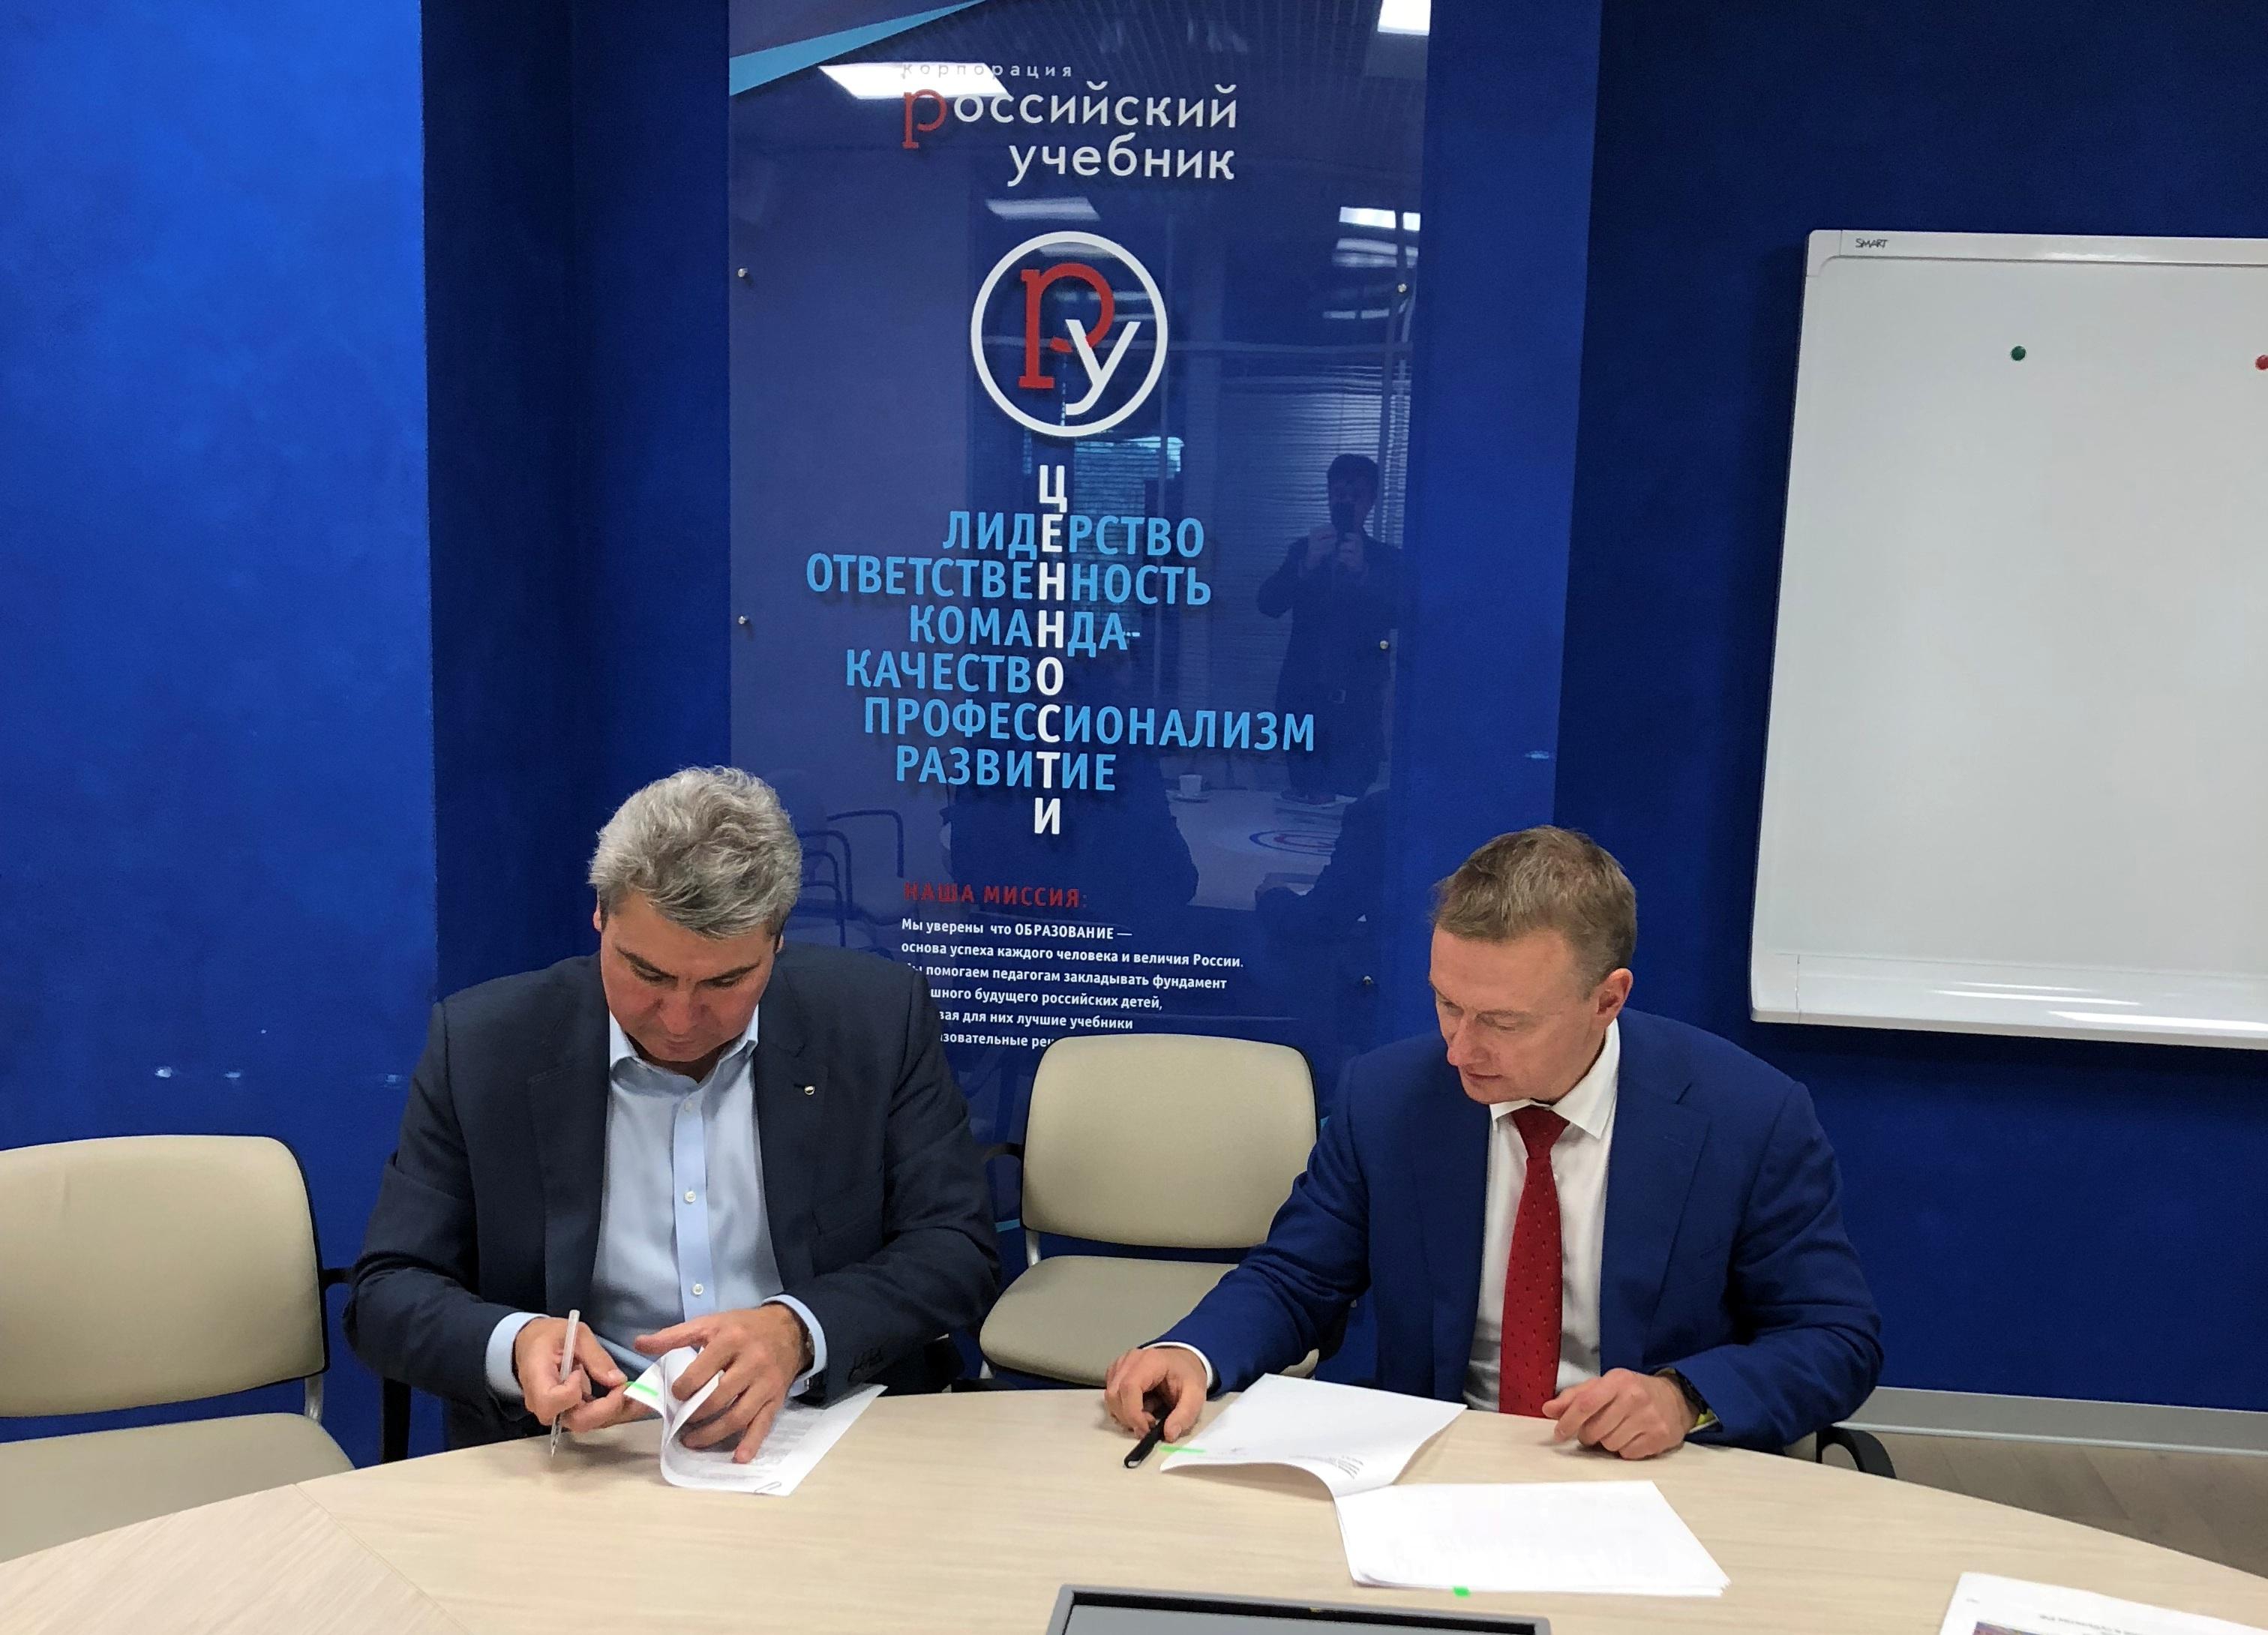 Сбербанк и «Российский учебник» будут вместе создавать школы